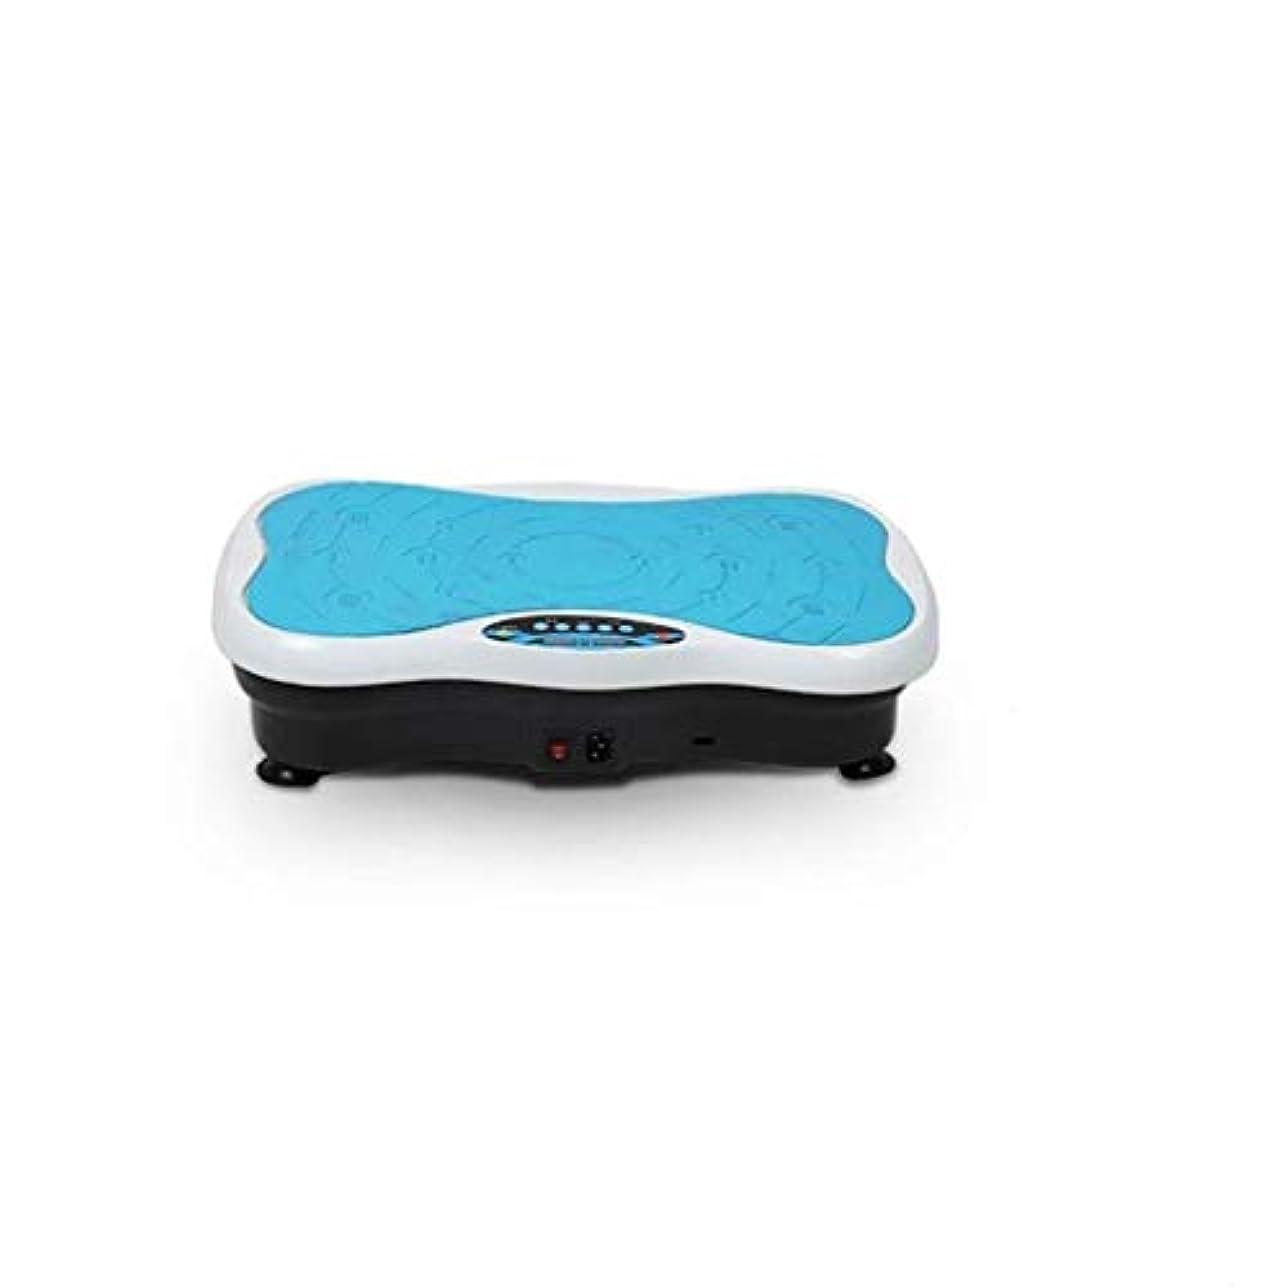 見出しカプラー定義3D電気減量マシン、振動フィットネストレーナー、ホームオフィスの脂肪燃焼マッサージ装置 (Color : 青)